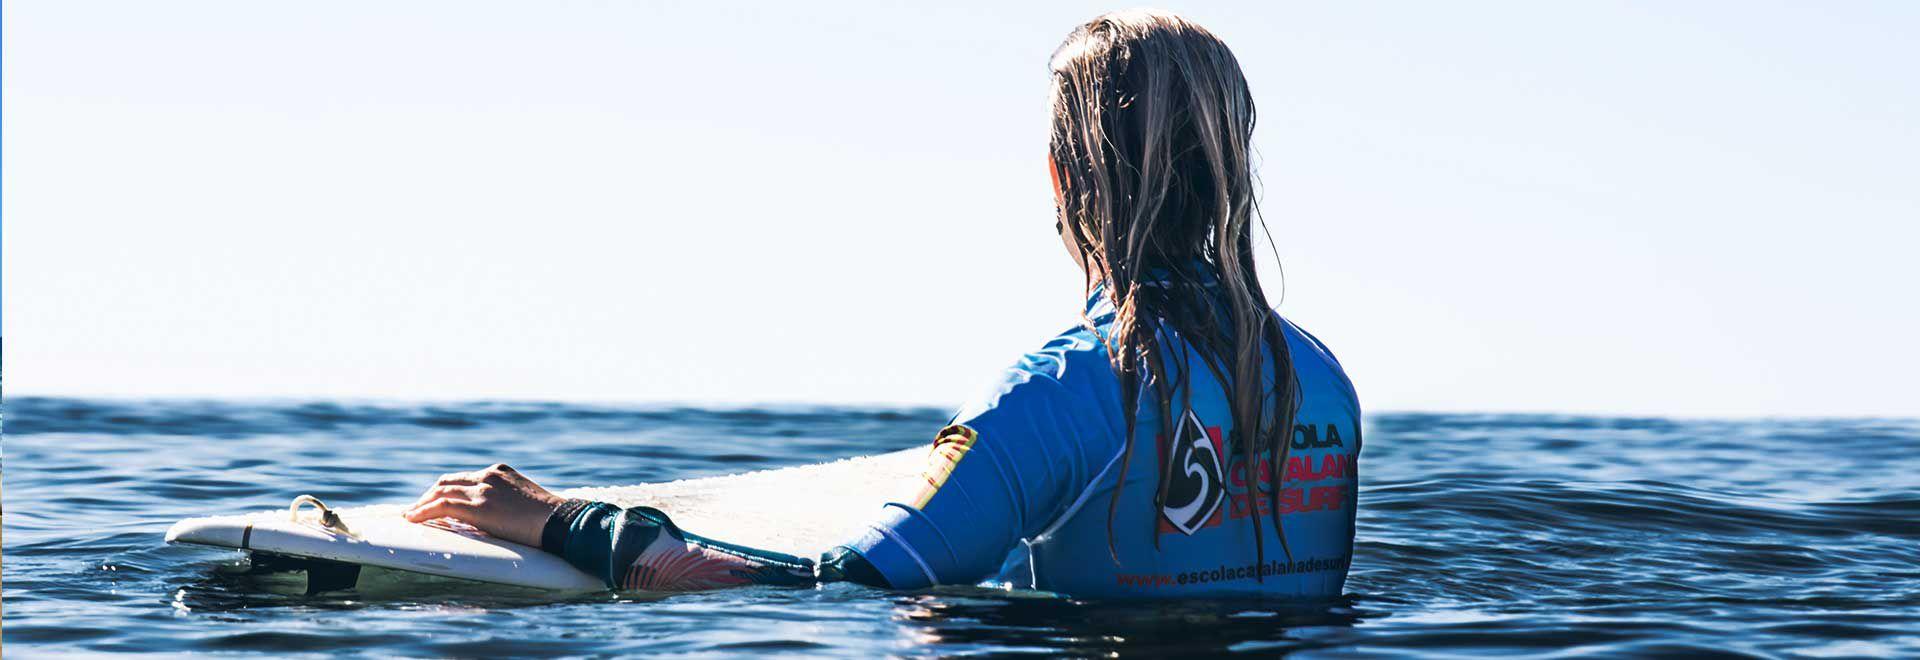 Casals d'estiu de Surf. Cancel·lació gratuita.</span>